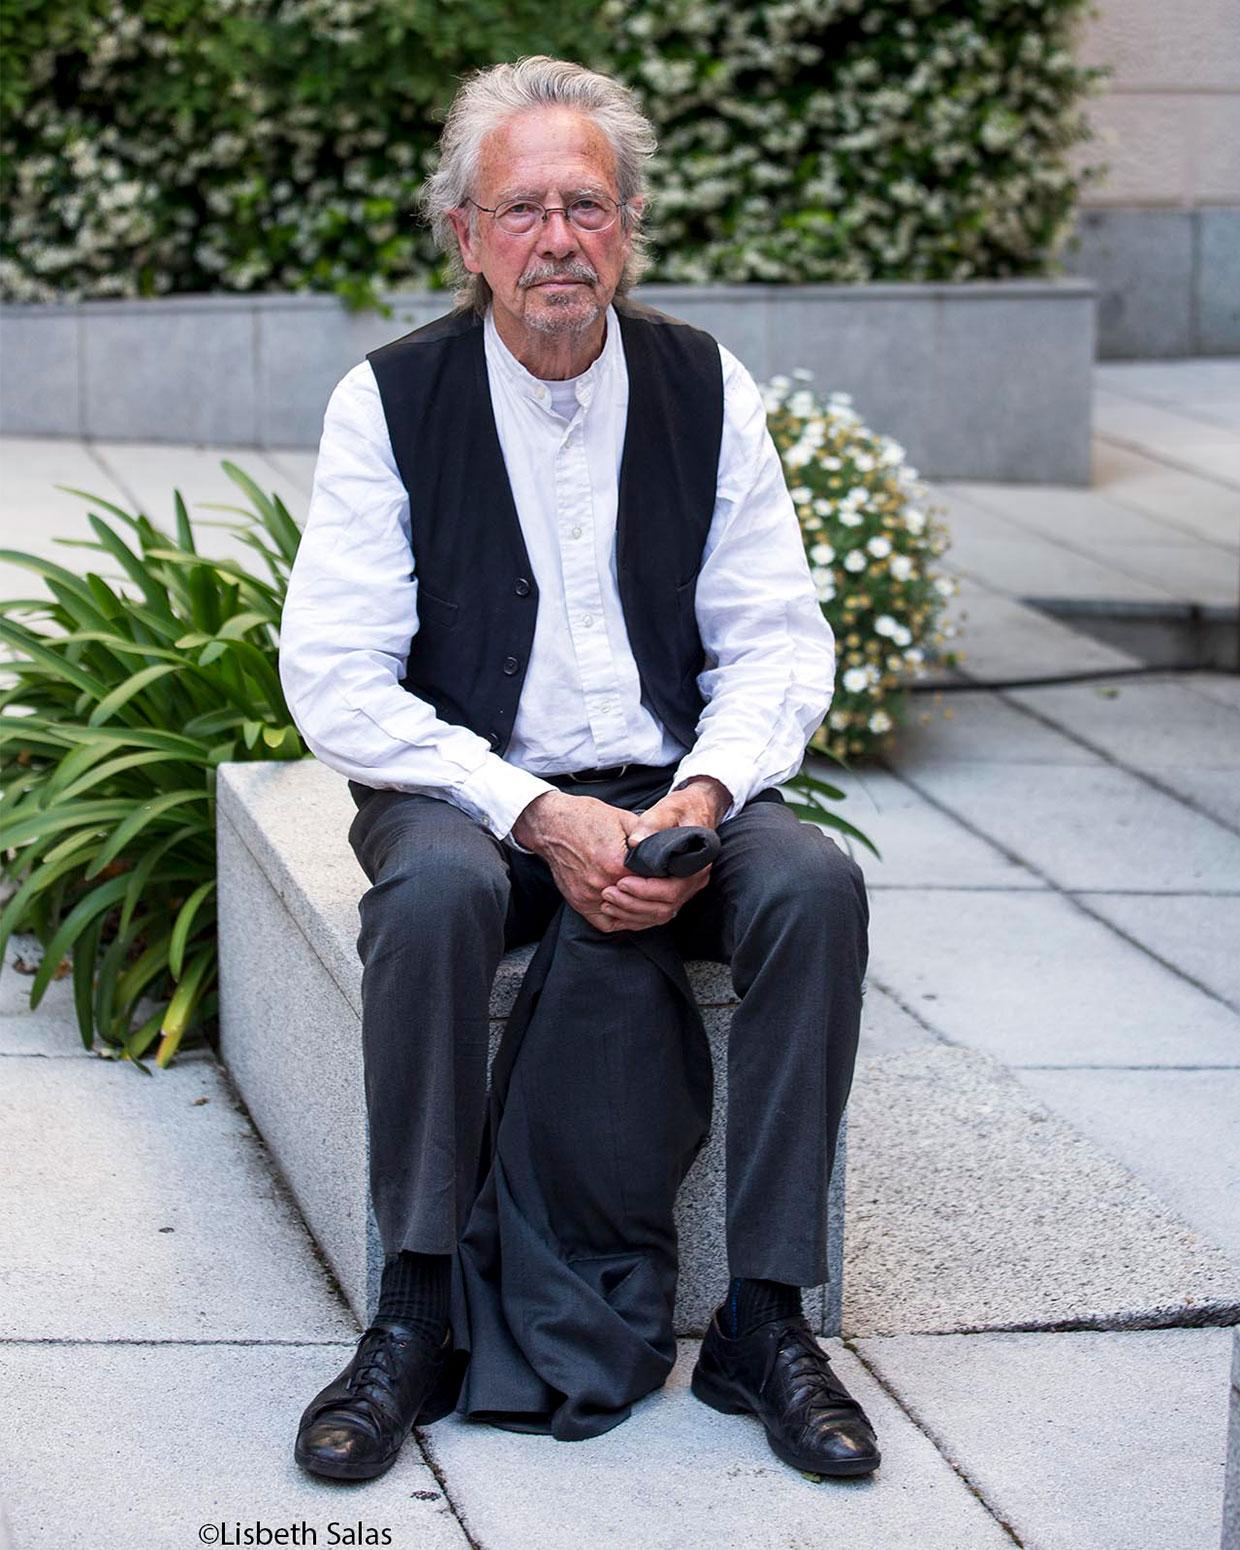 Peter Handke, en el Instituto Goethe de Madrid. / Fotografía de Lisbeth Salas